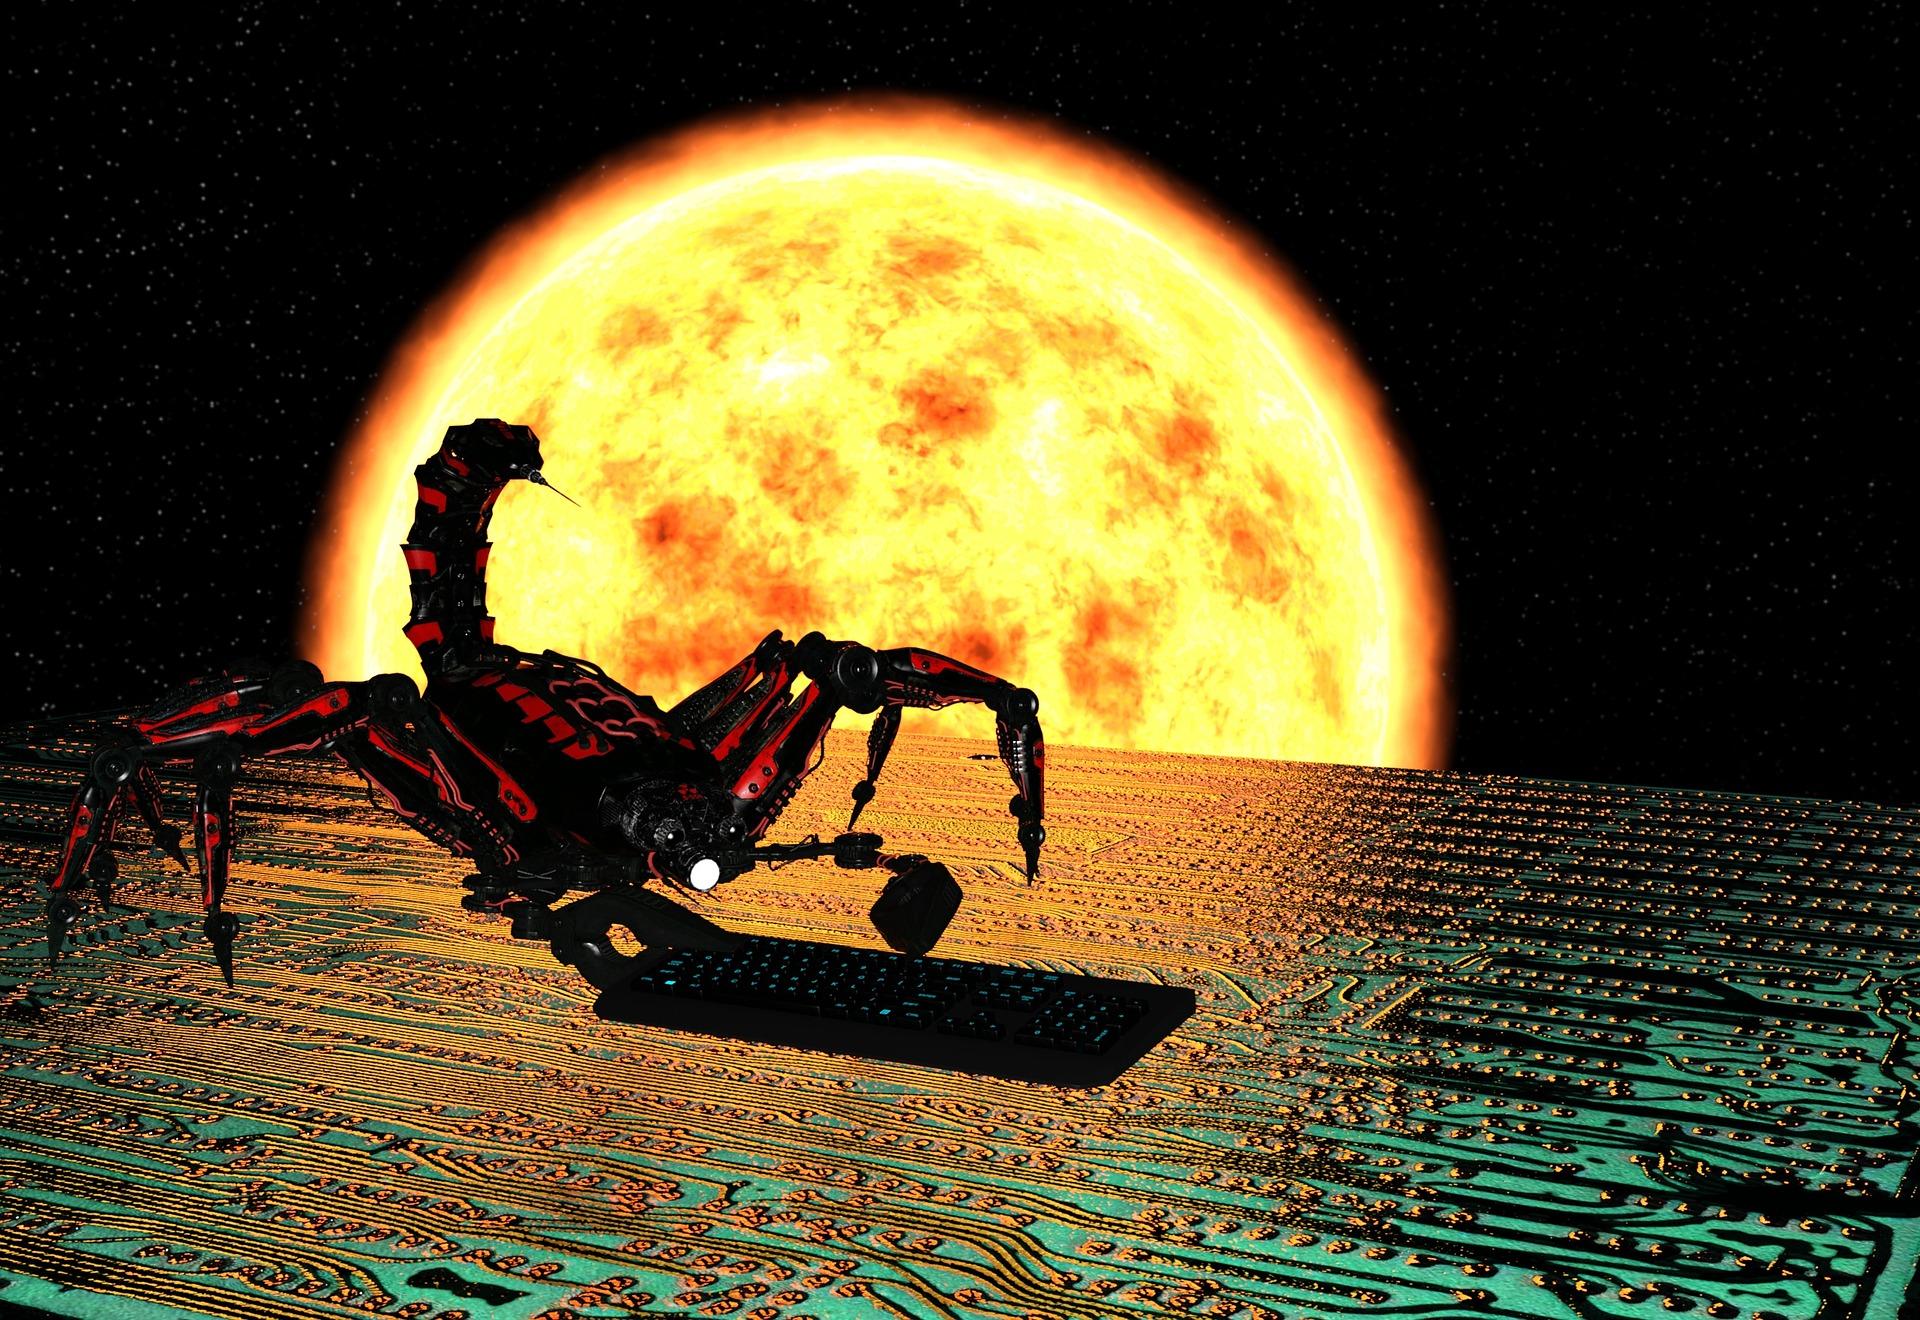 火星と赤さを競う一等星